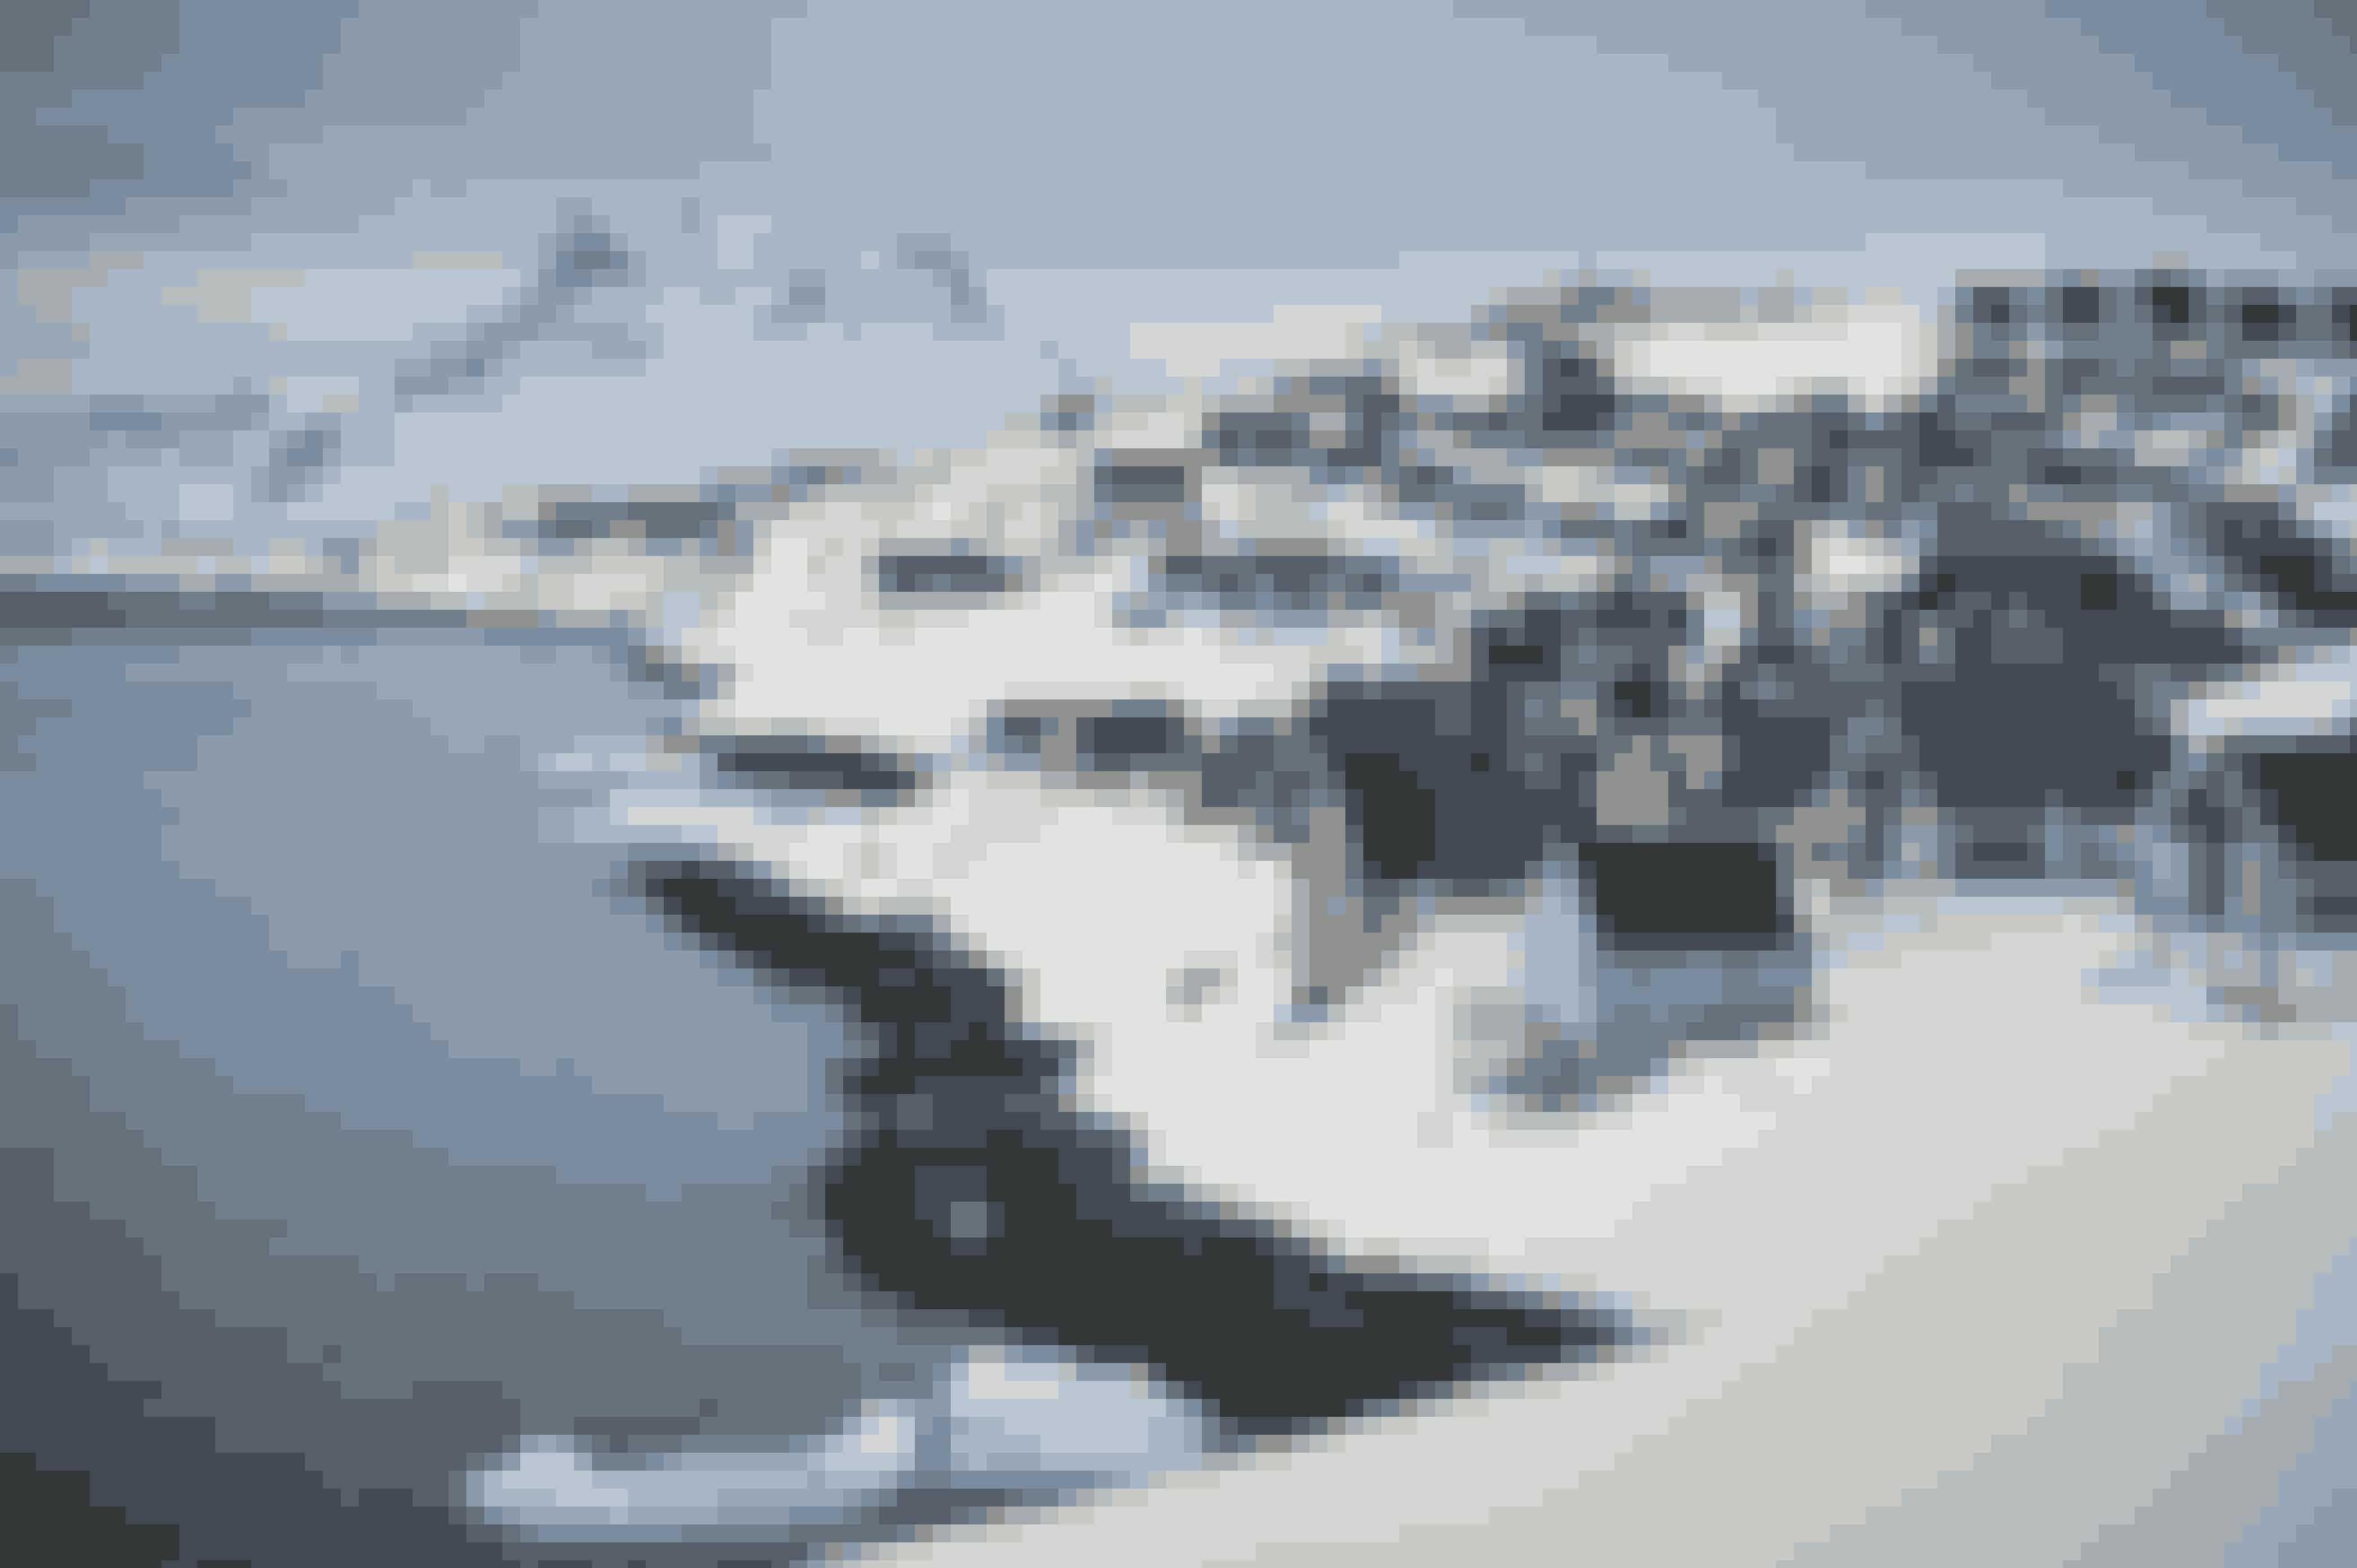 Et af de mest anvendte motiver i Nuuk - og det er der ikke noget at sige til. Boligkvarteret Myggedalen i forgrunden og byens vartegn, Sermitsiaq, i baggrunden.